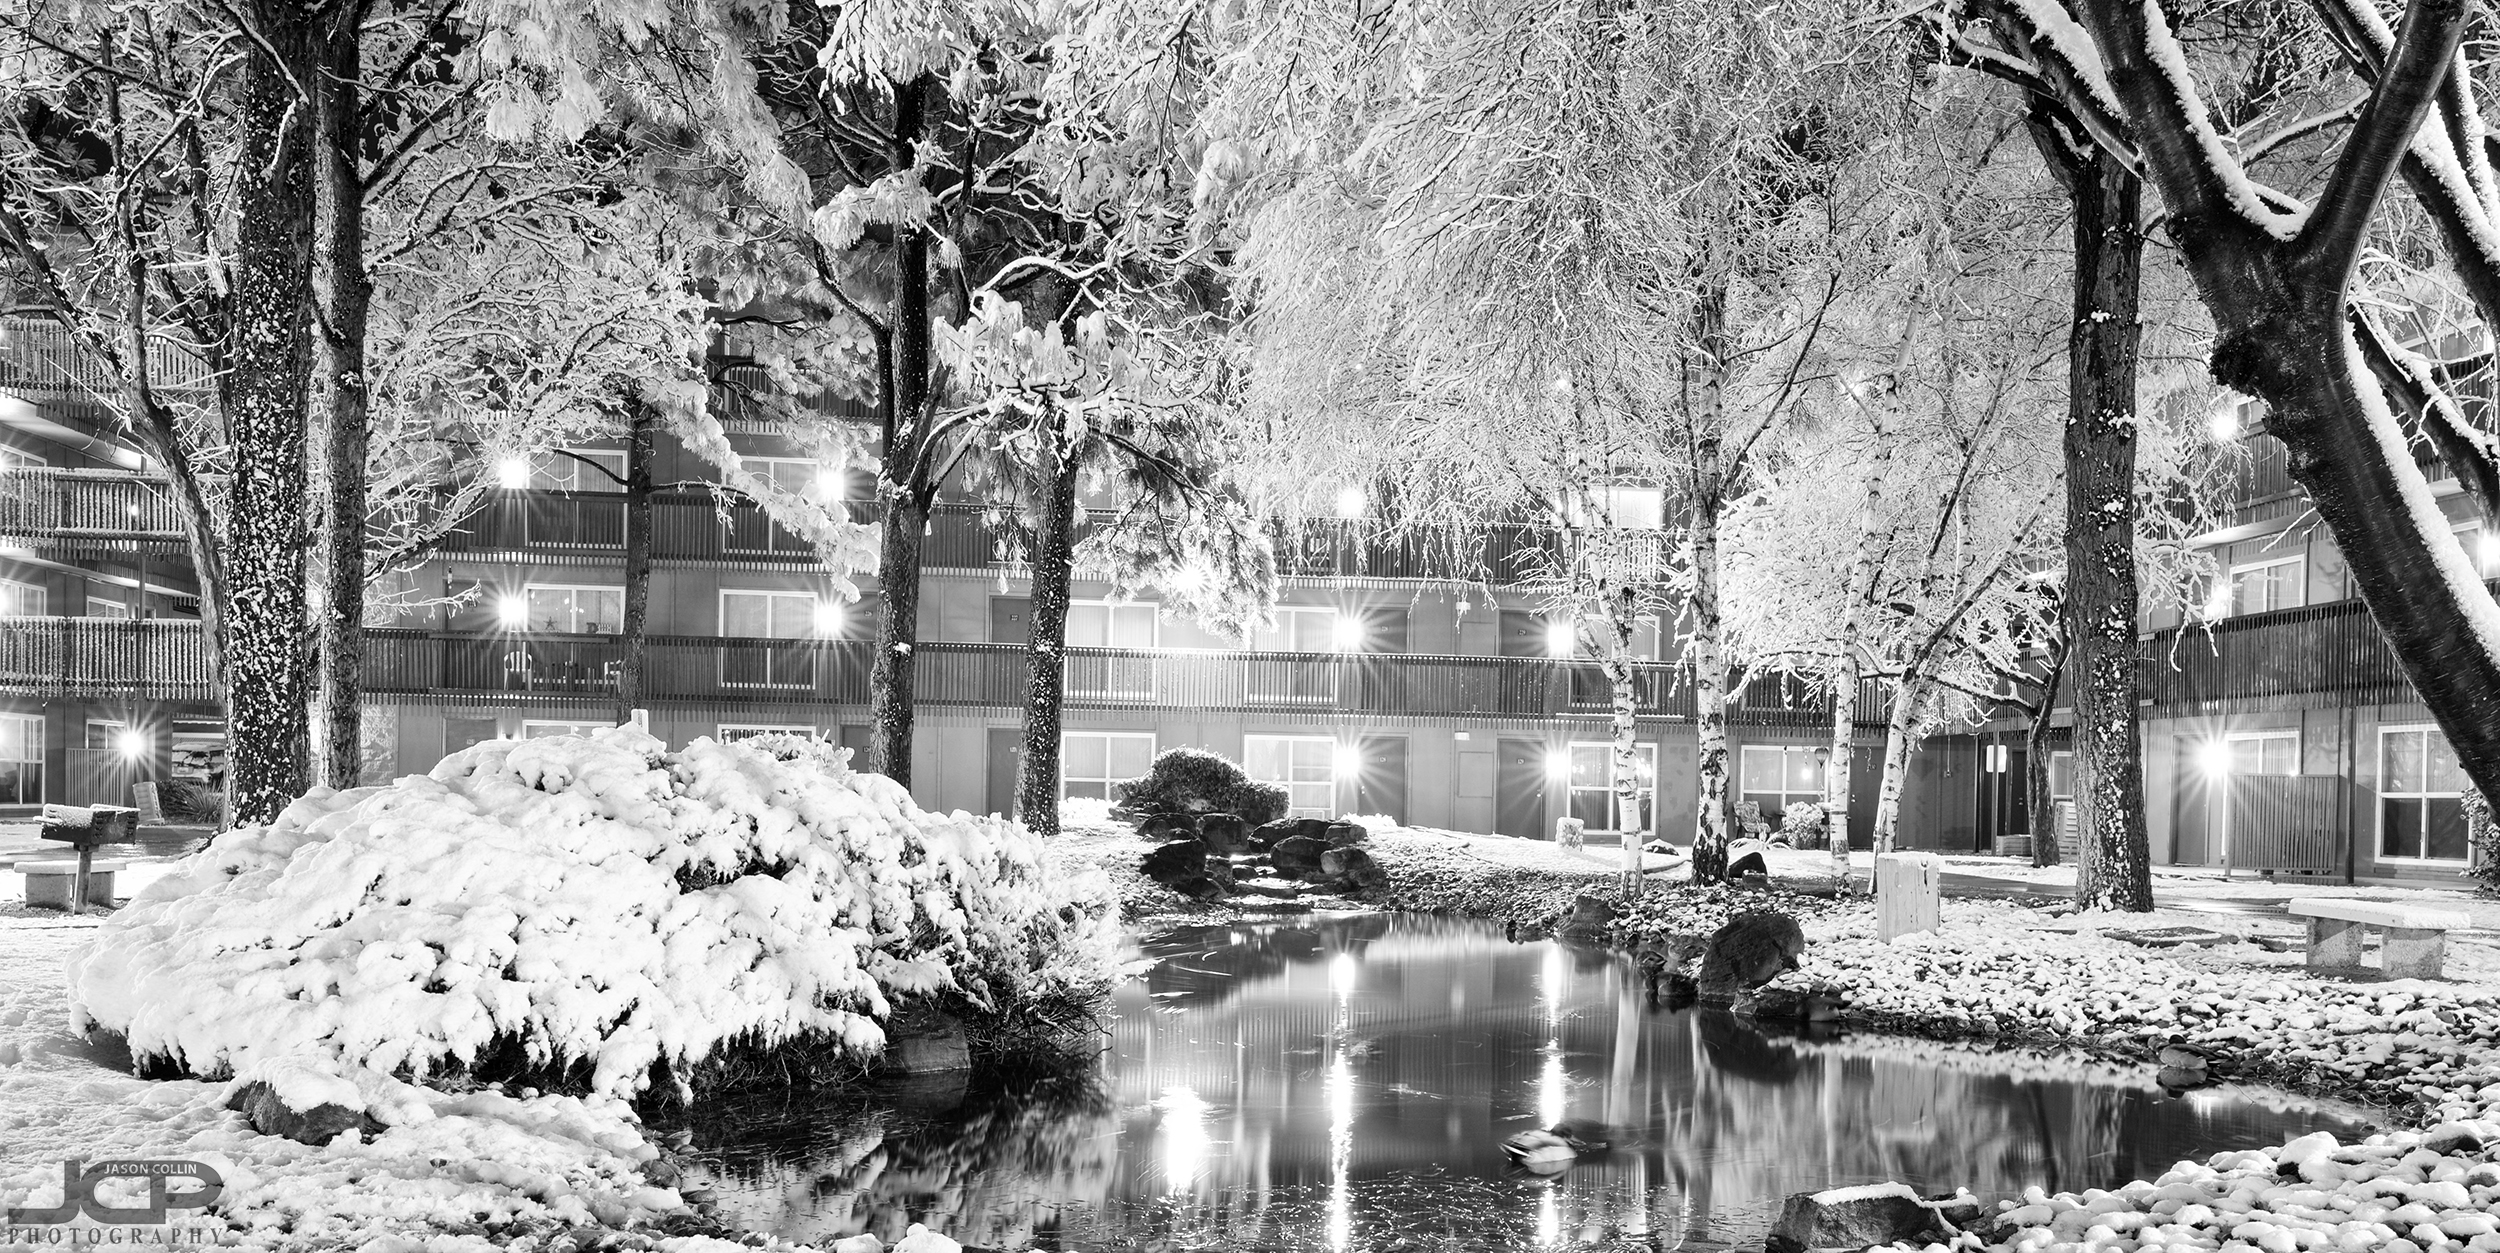 snow-2-22-2019-abq-121432.jpg